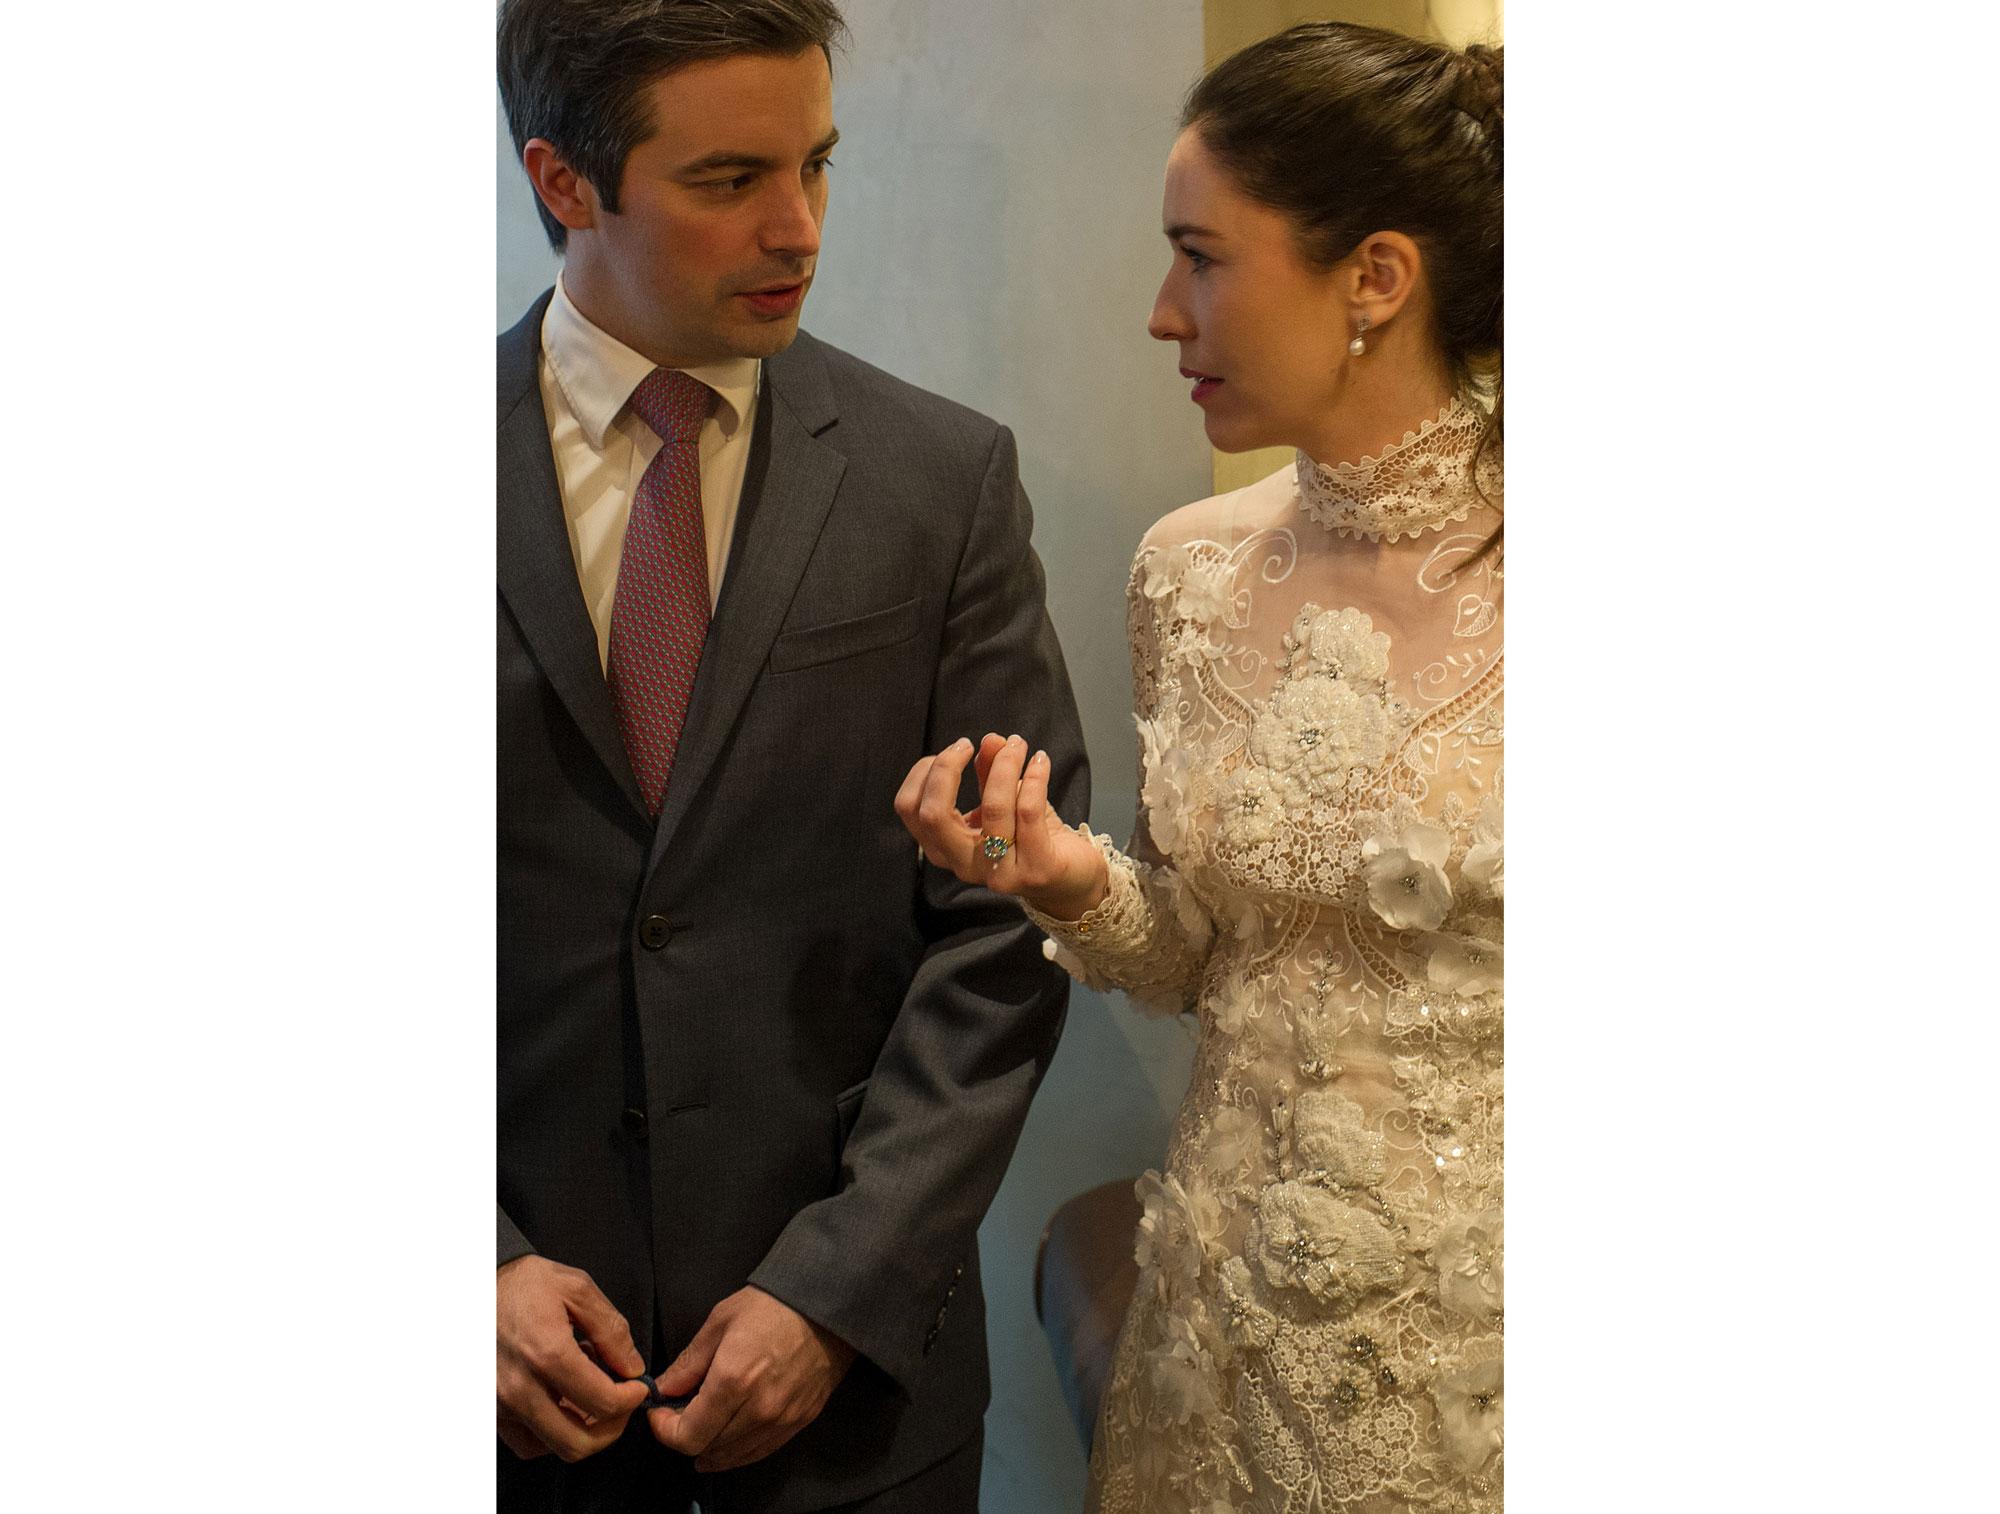 wedding-zurich-karin-8.jpg